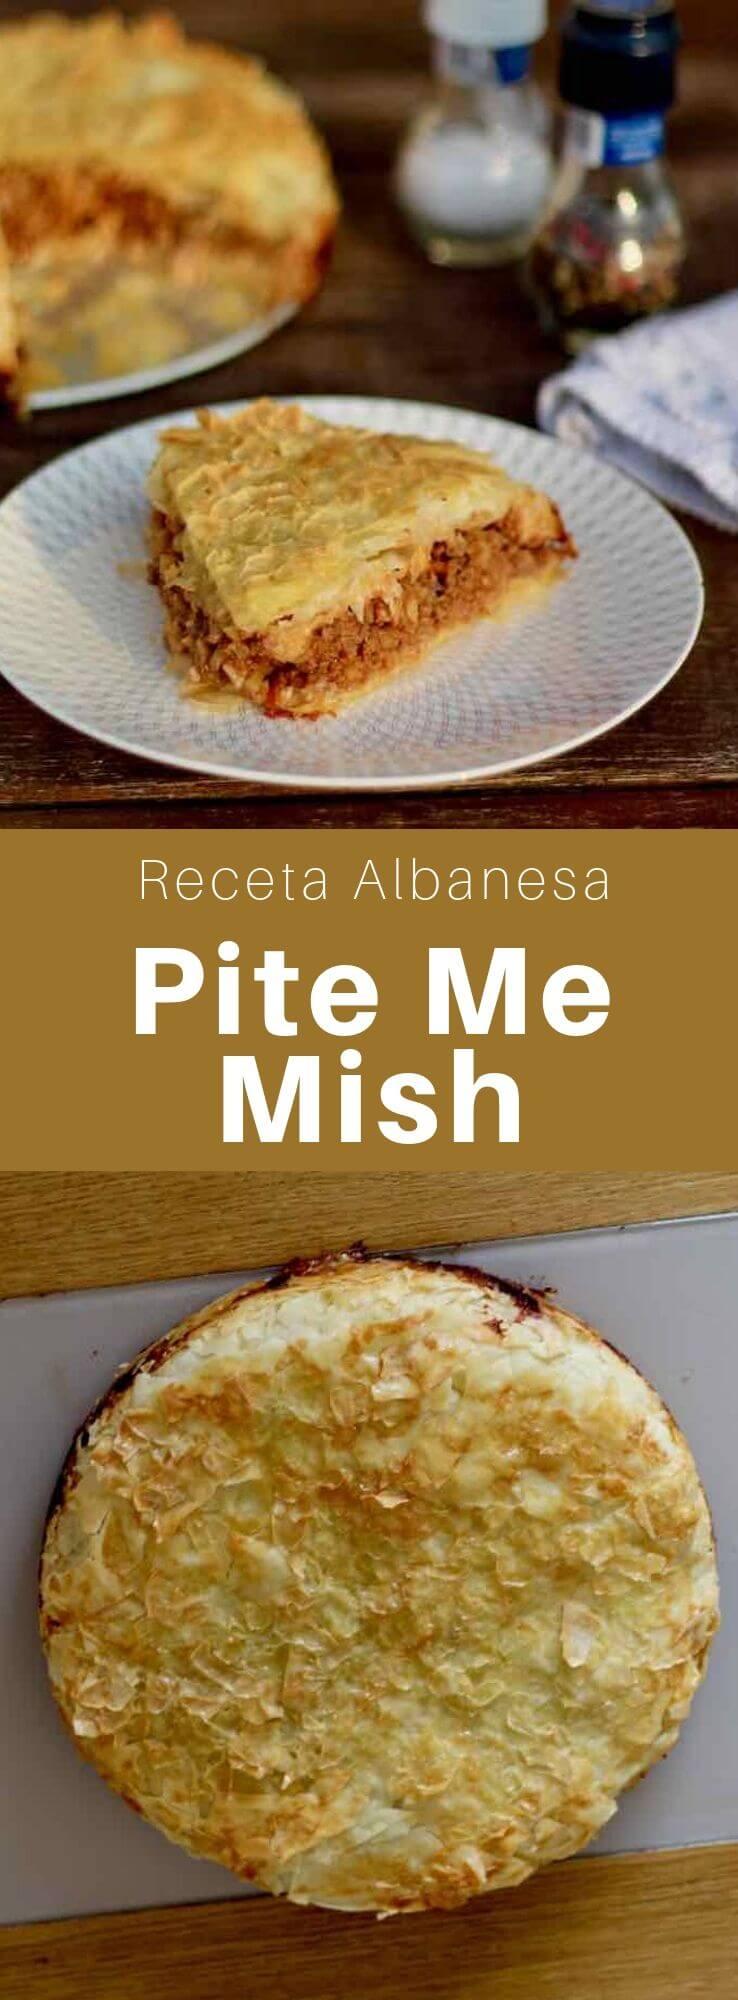 El pite me mish (o byrek me mish) es un pastel a base de masa filo que se rellena de carne y es tradicional en la cocina albanesa.